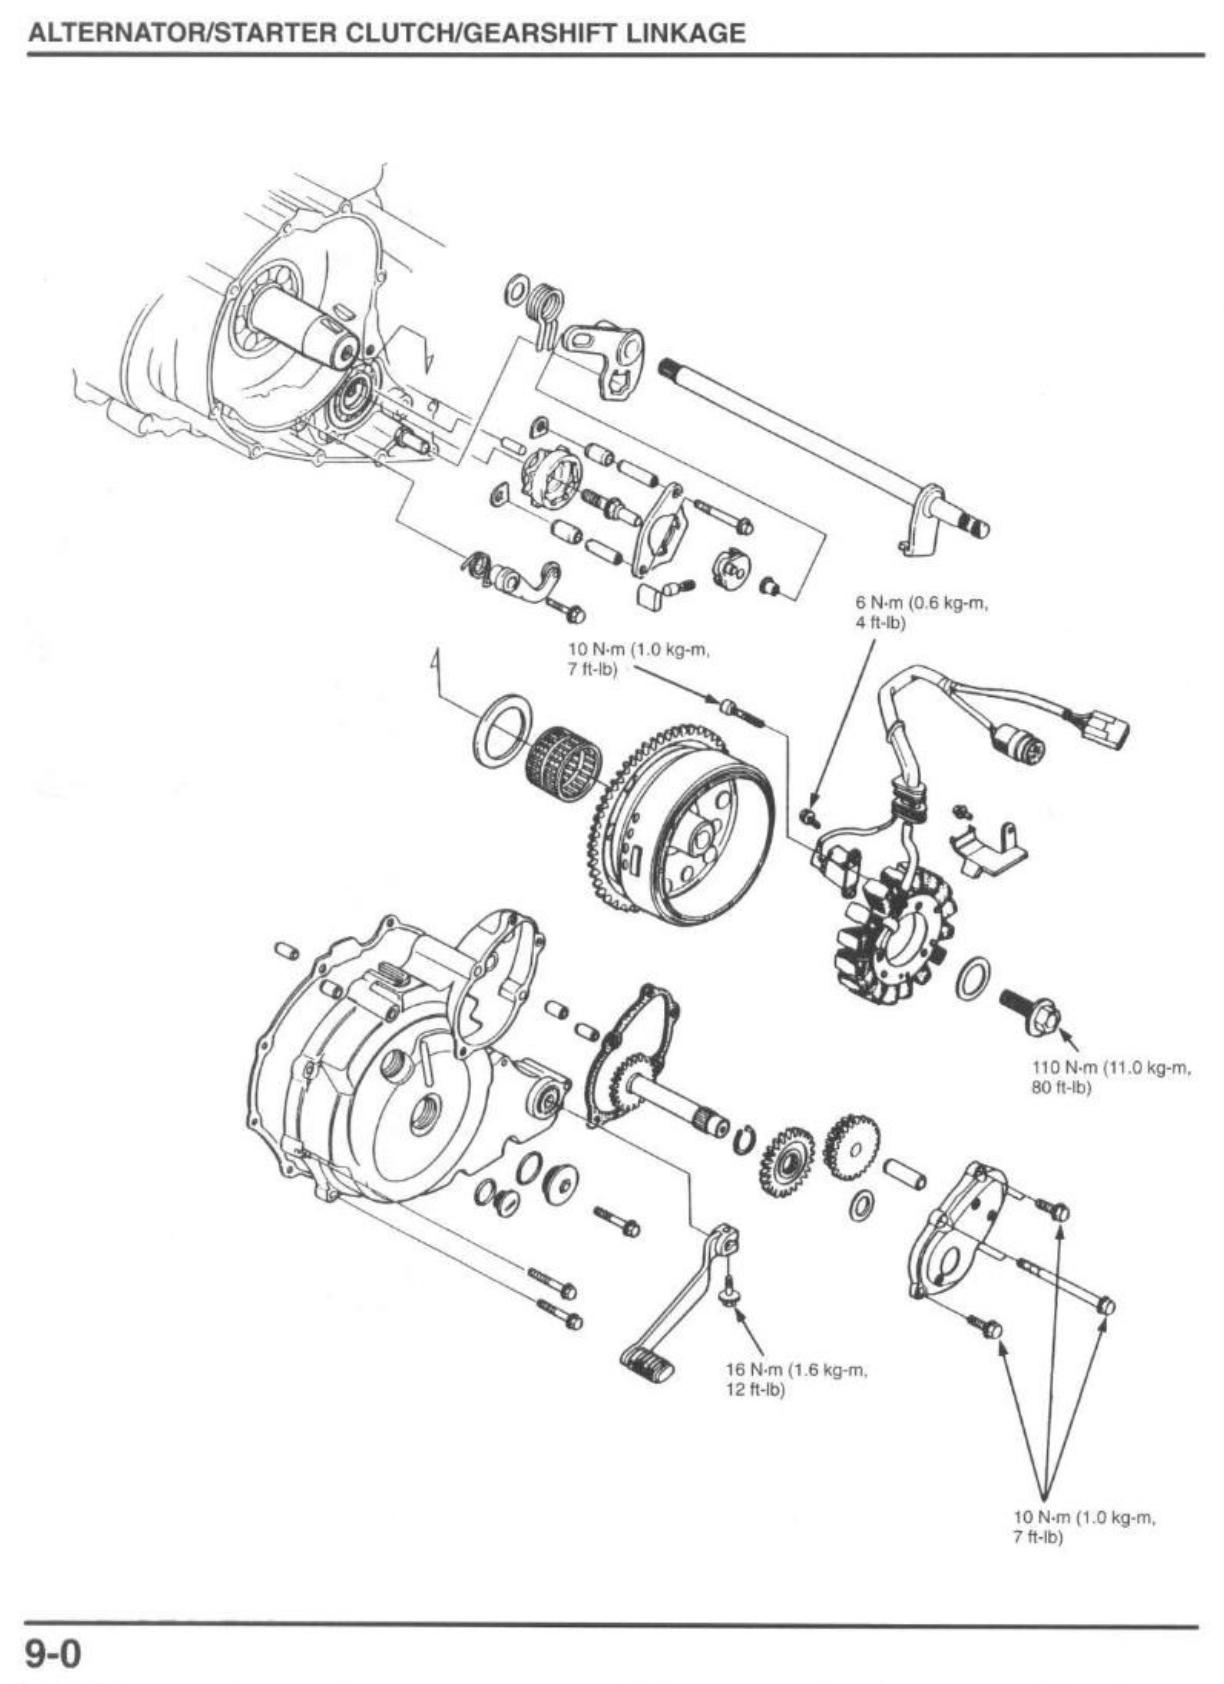 1999 Honda Fourtrax shifting problems - Honda ATV Forum